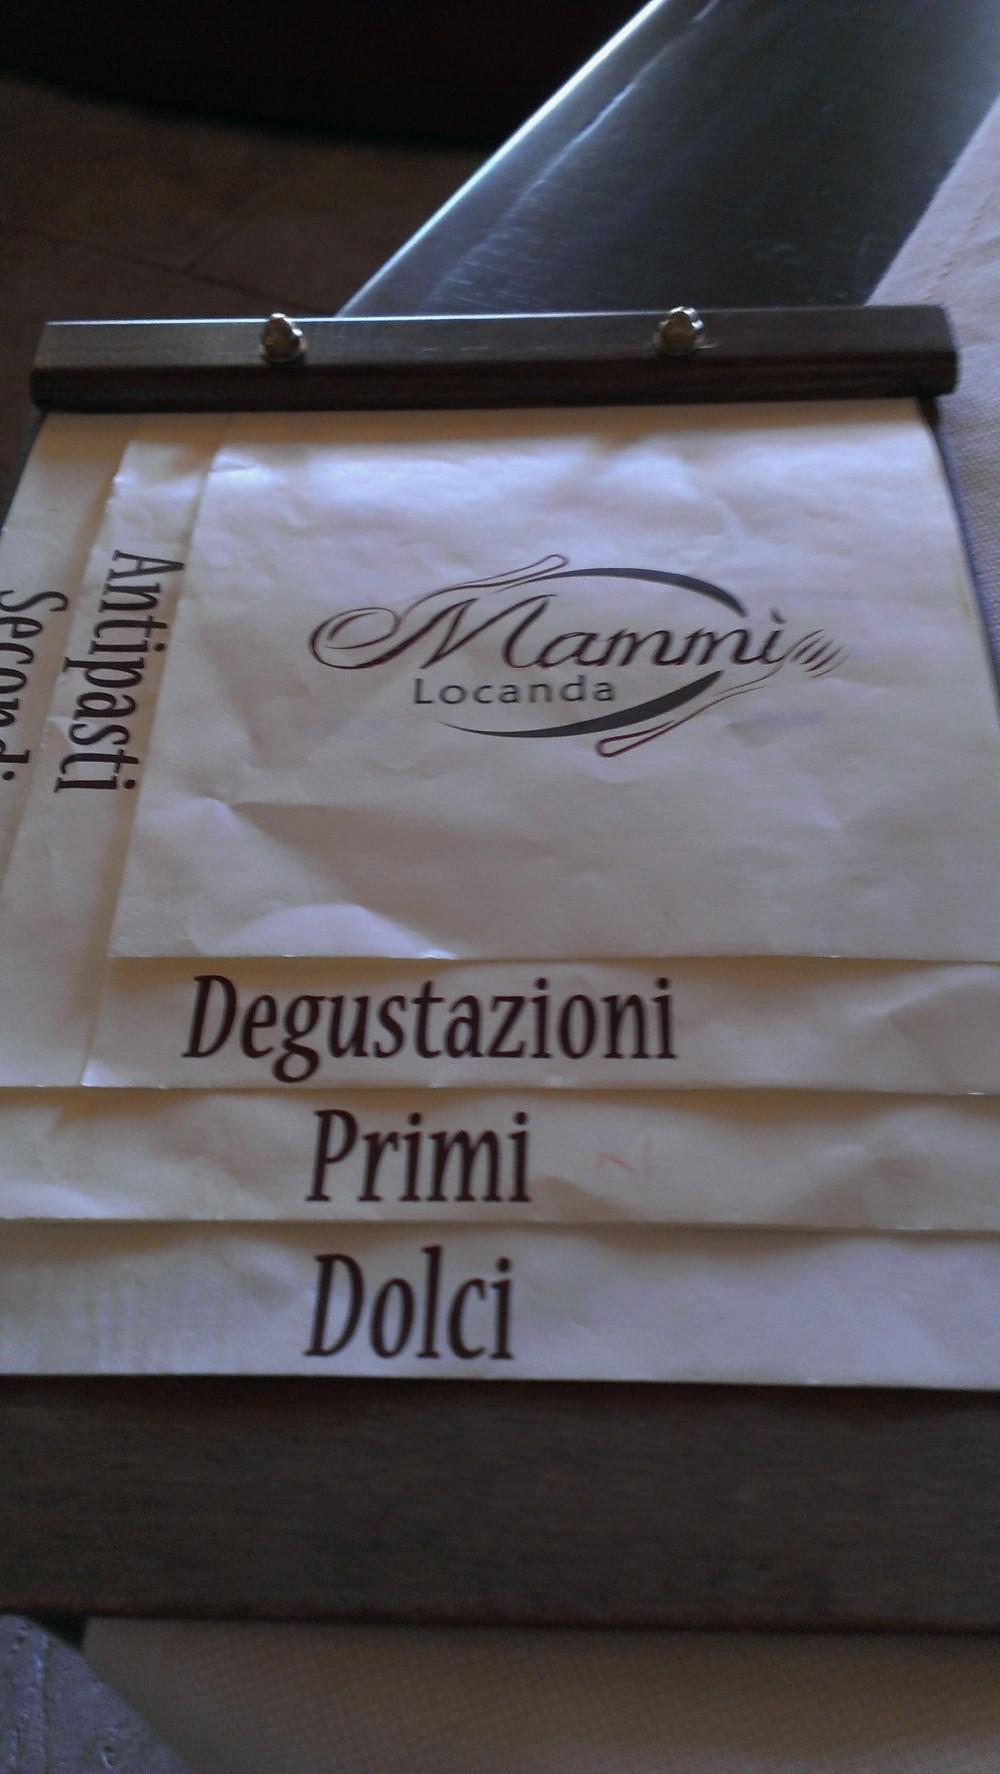 Locanda Mammi' menu'